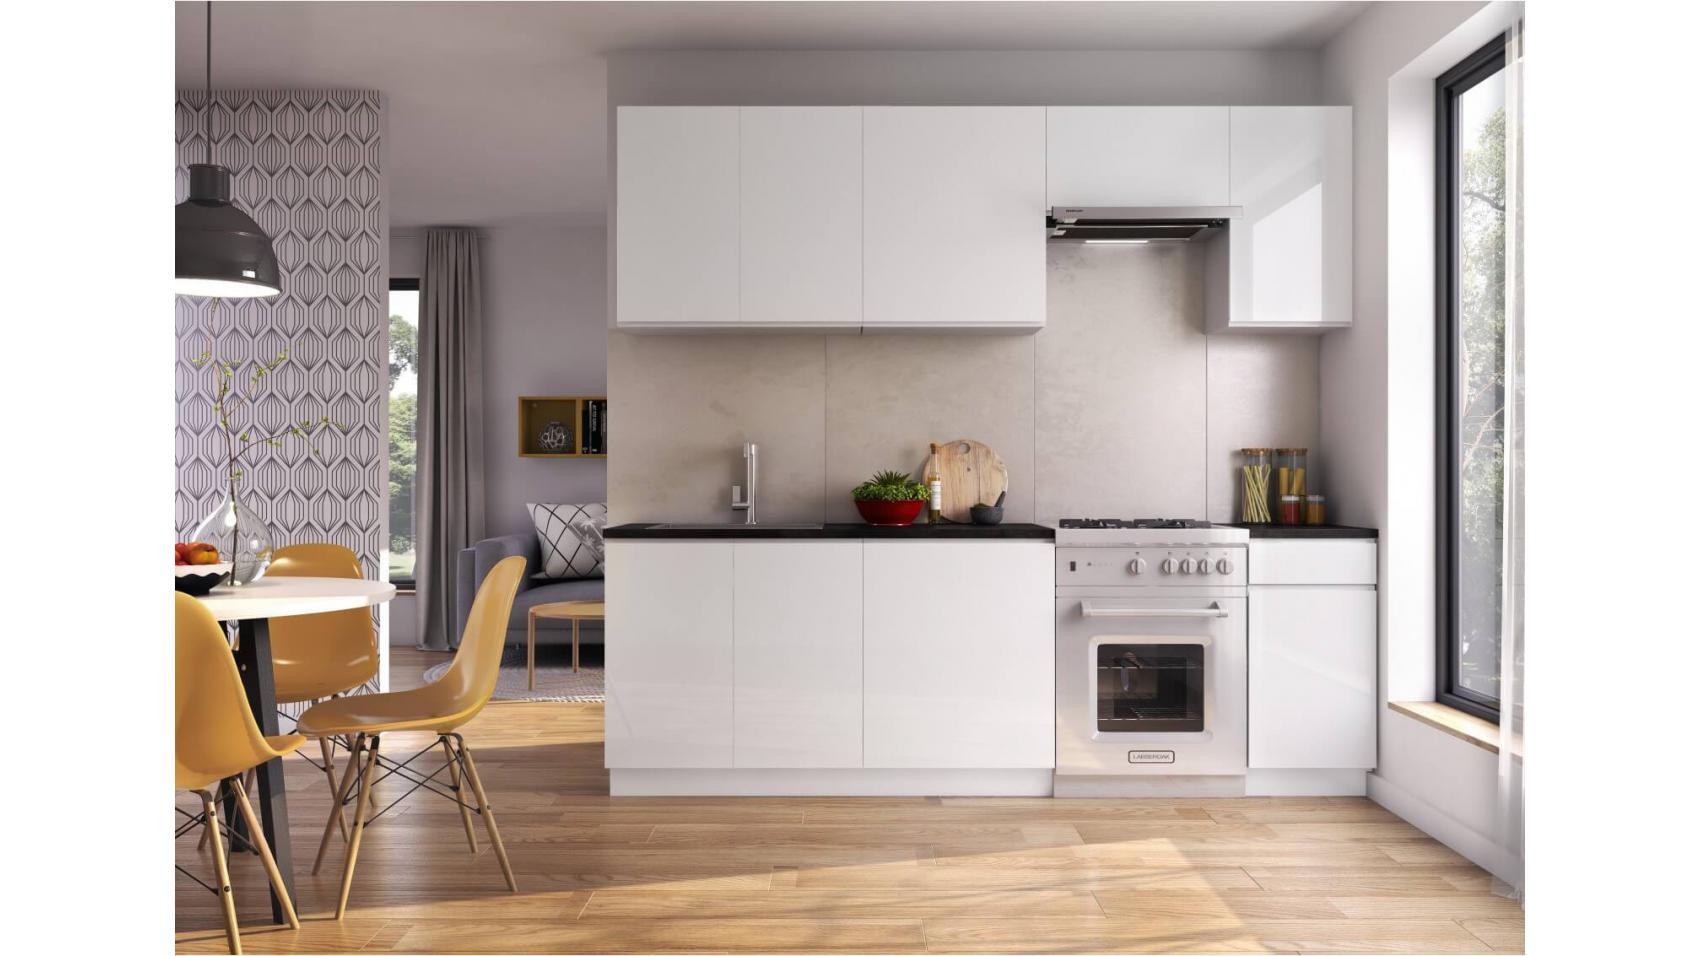 Zestawy mebli kuchennych | Gotowe komplety szafek do kuchni